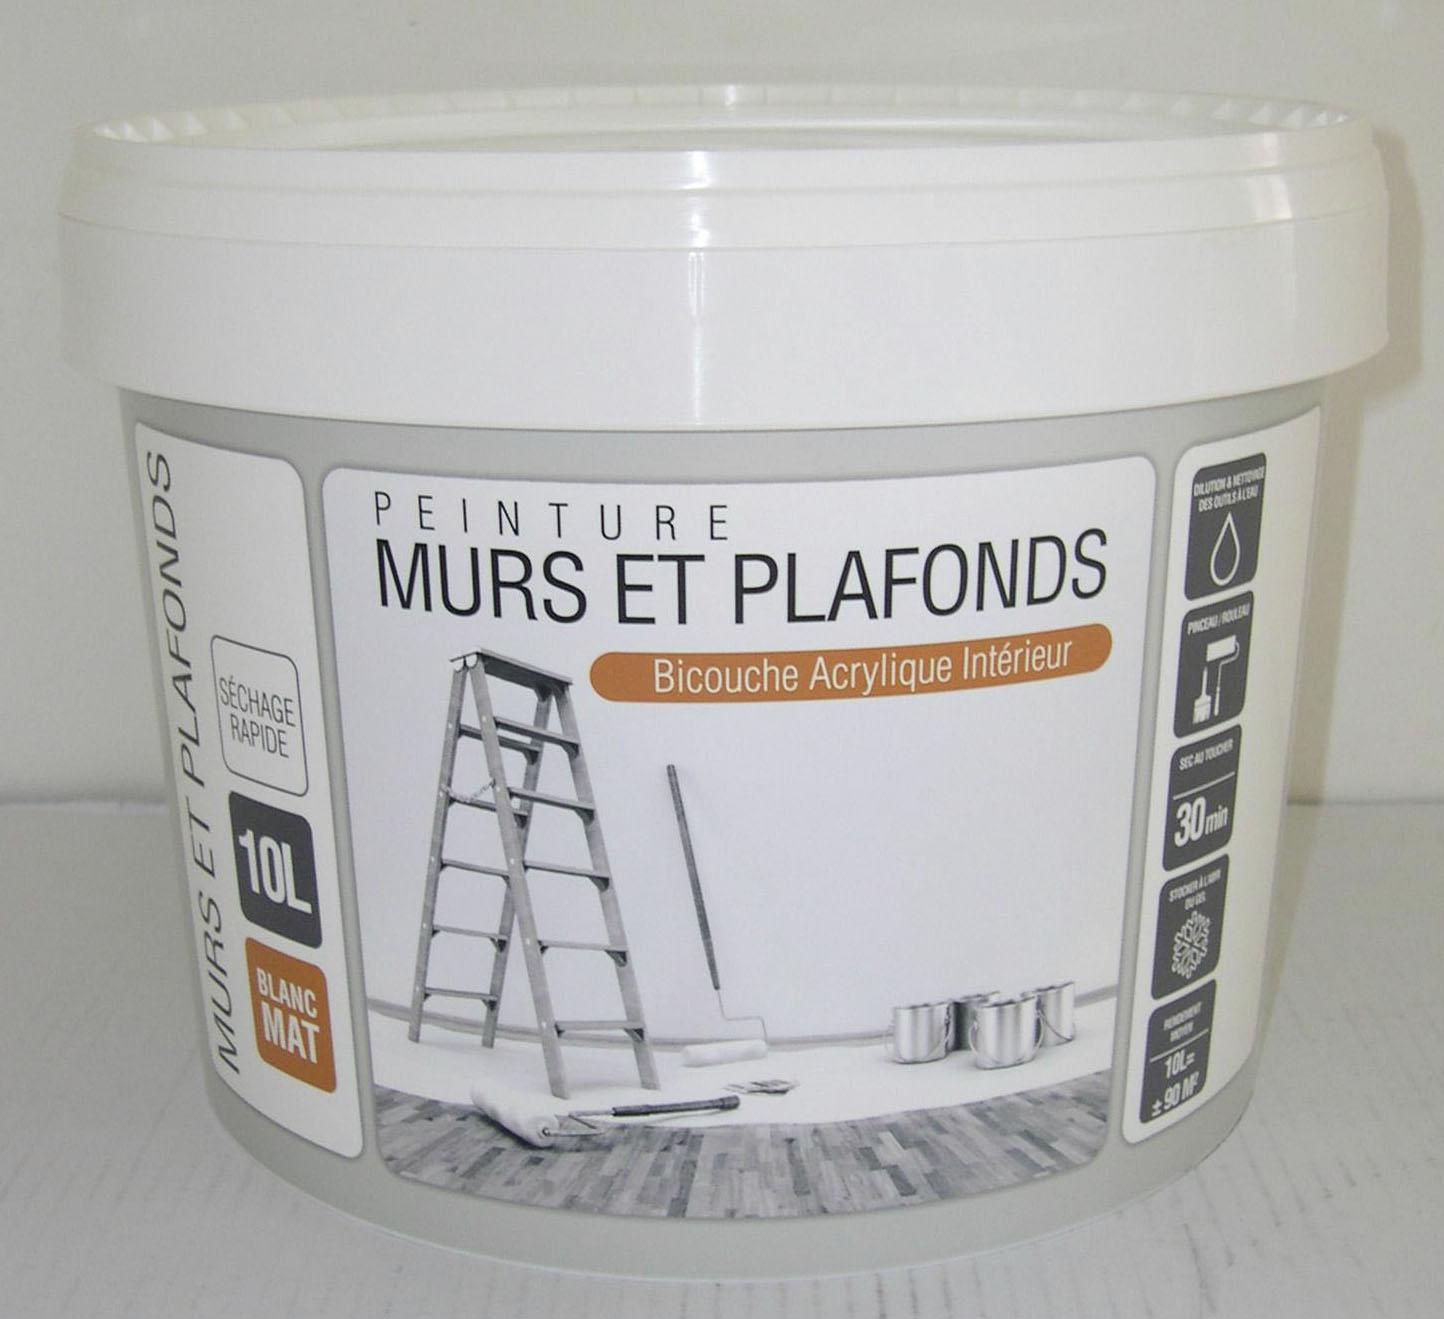 Rue du commerce peinture bicouche acrylique mat 10 l for Peinture mur et plafond pas cher